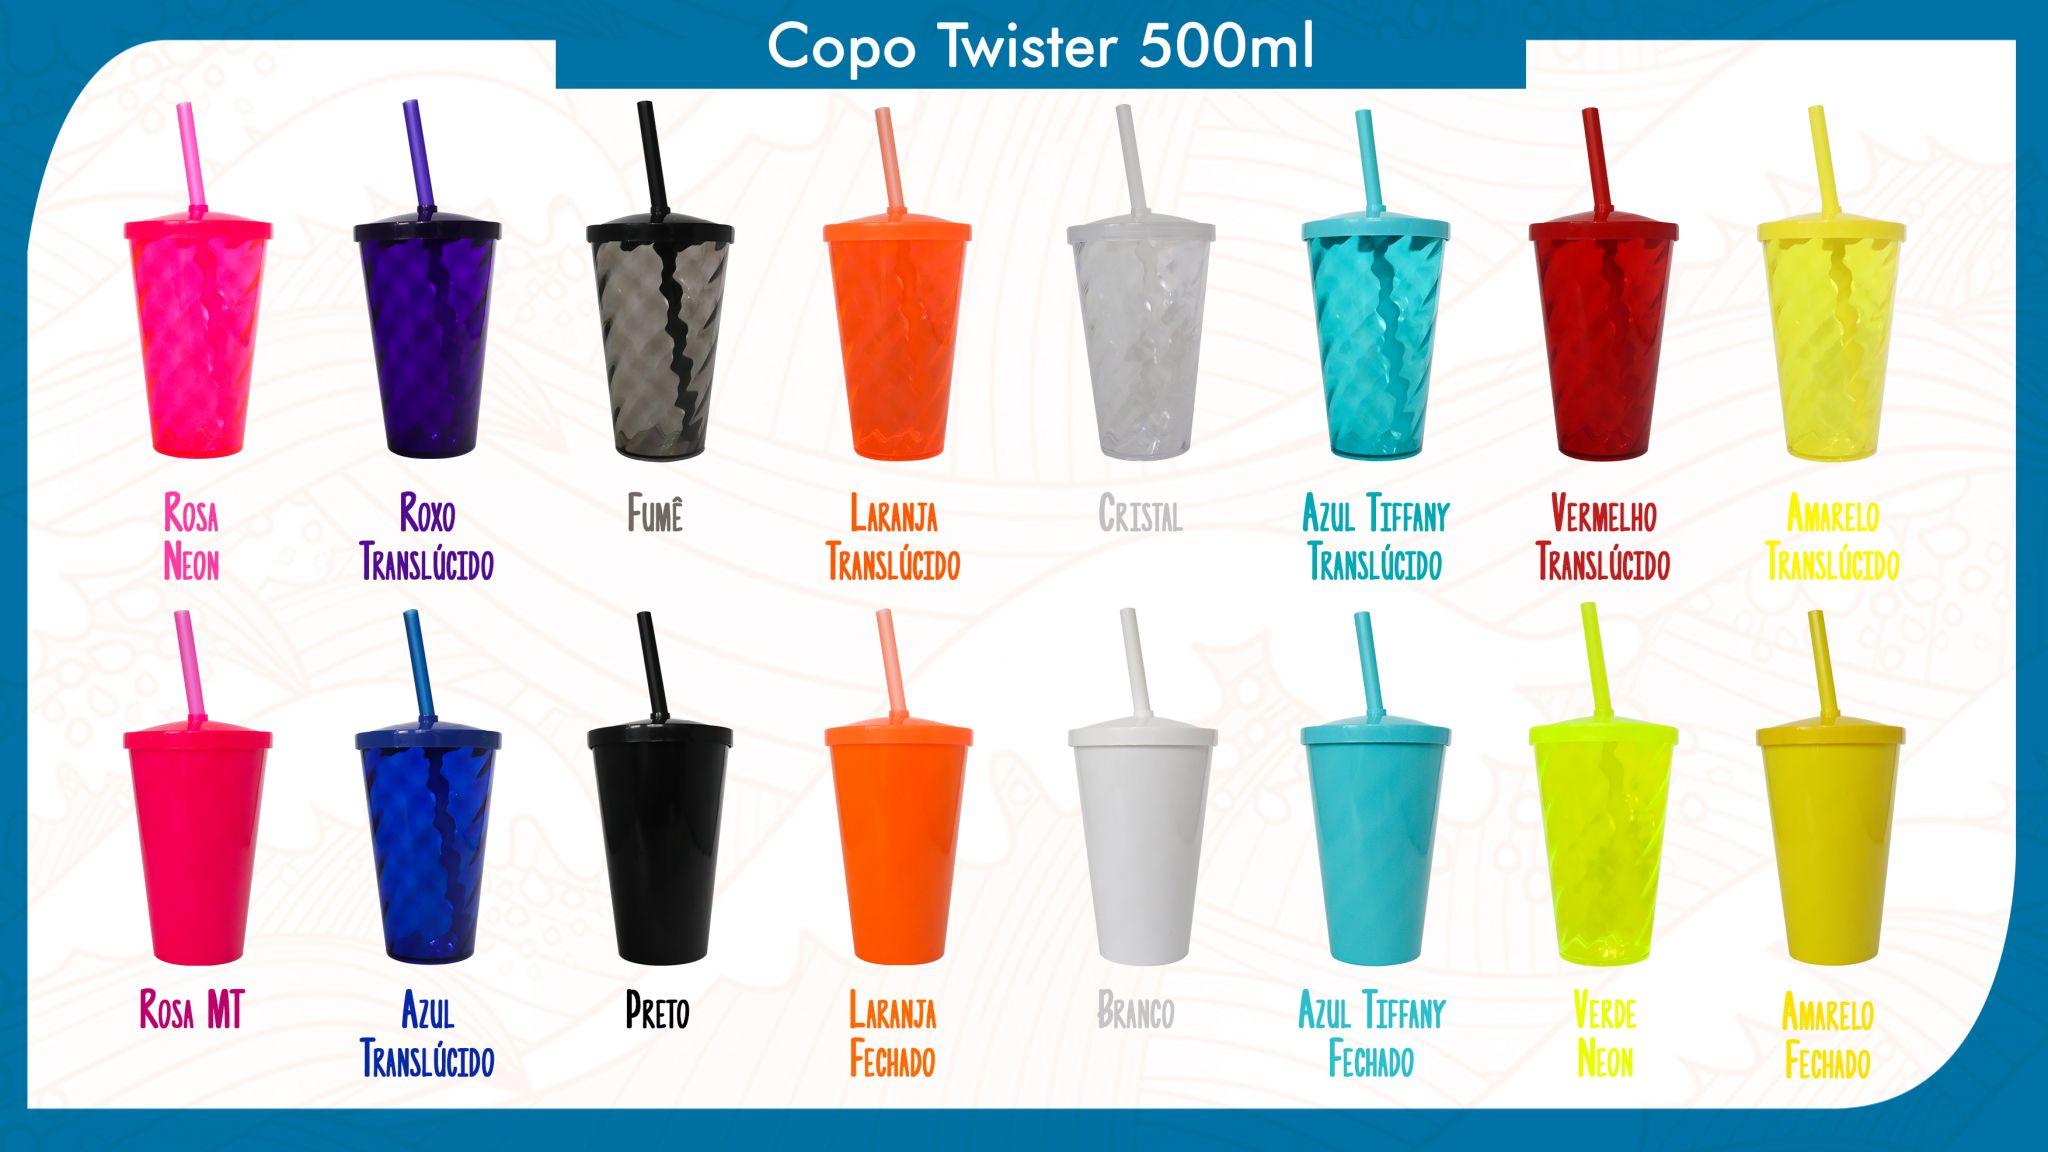 50 Copos Twister de 500ml personalizados - Modelos de twister